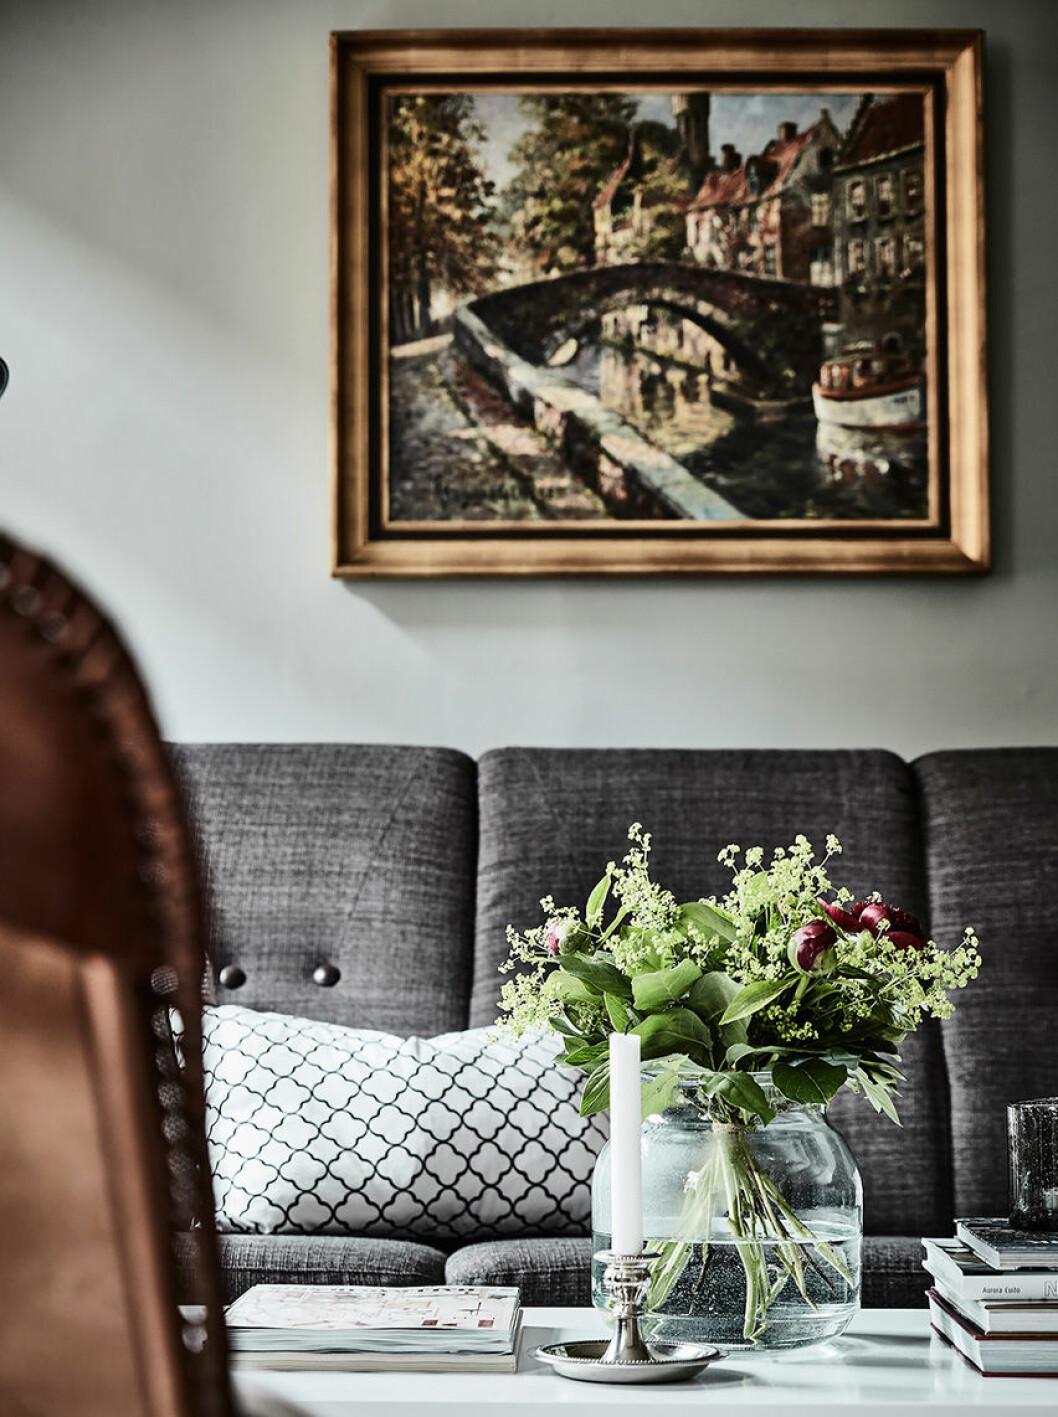 Oljemålning över soffan i vardagsrummet